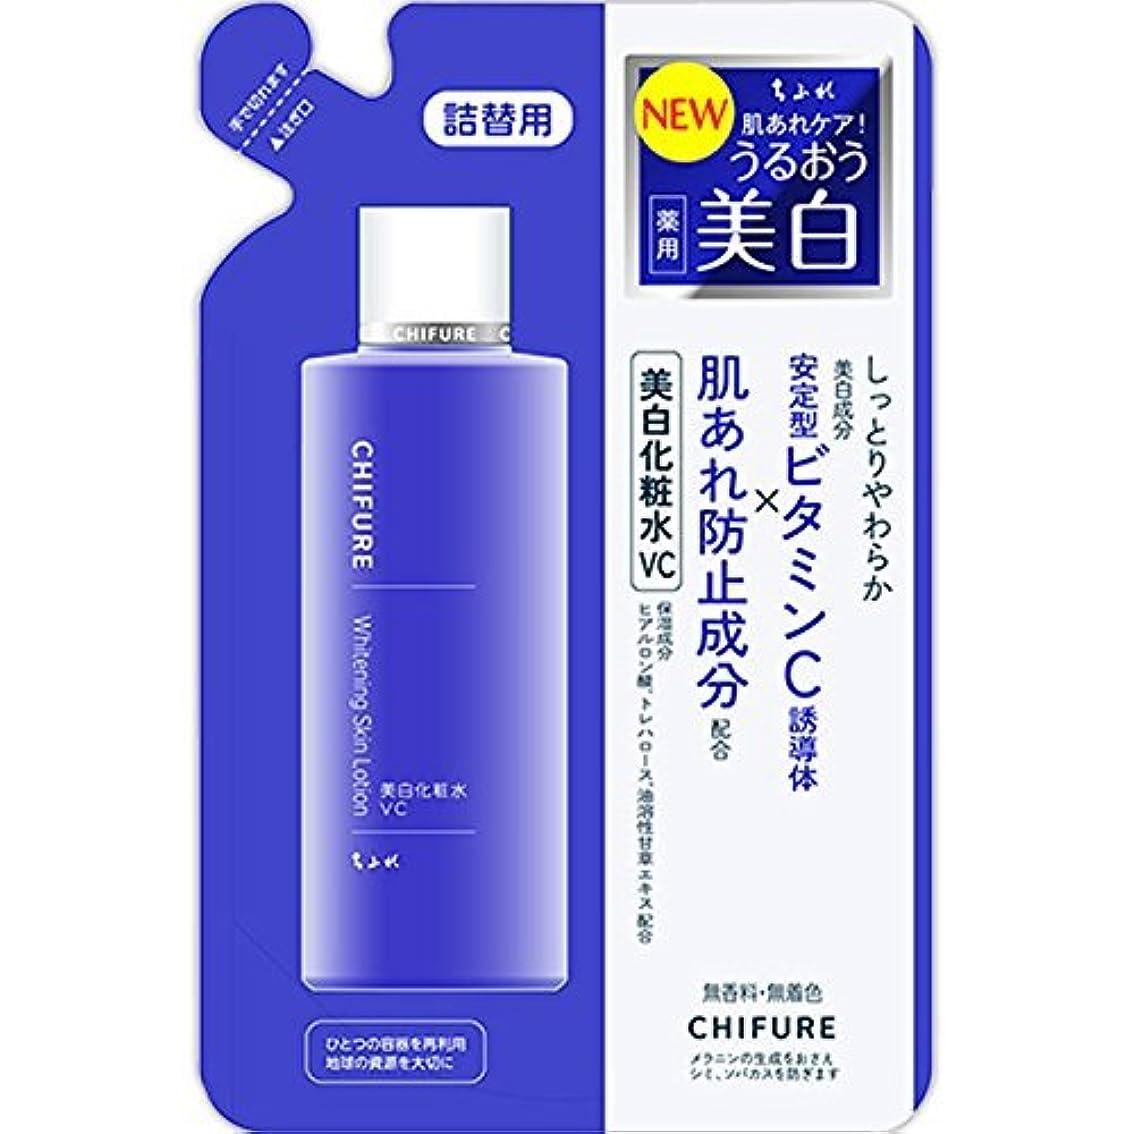 ロシアアフリカくぼみちふれ化粧品 美白化粧水 VC 詰替 180ML (医薬部外品)